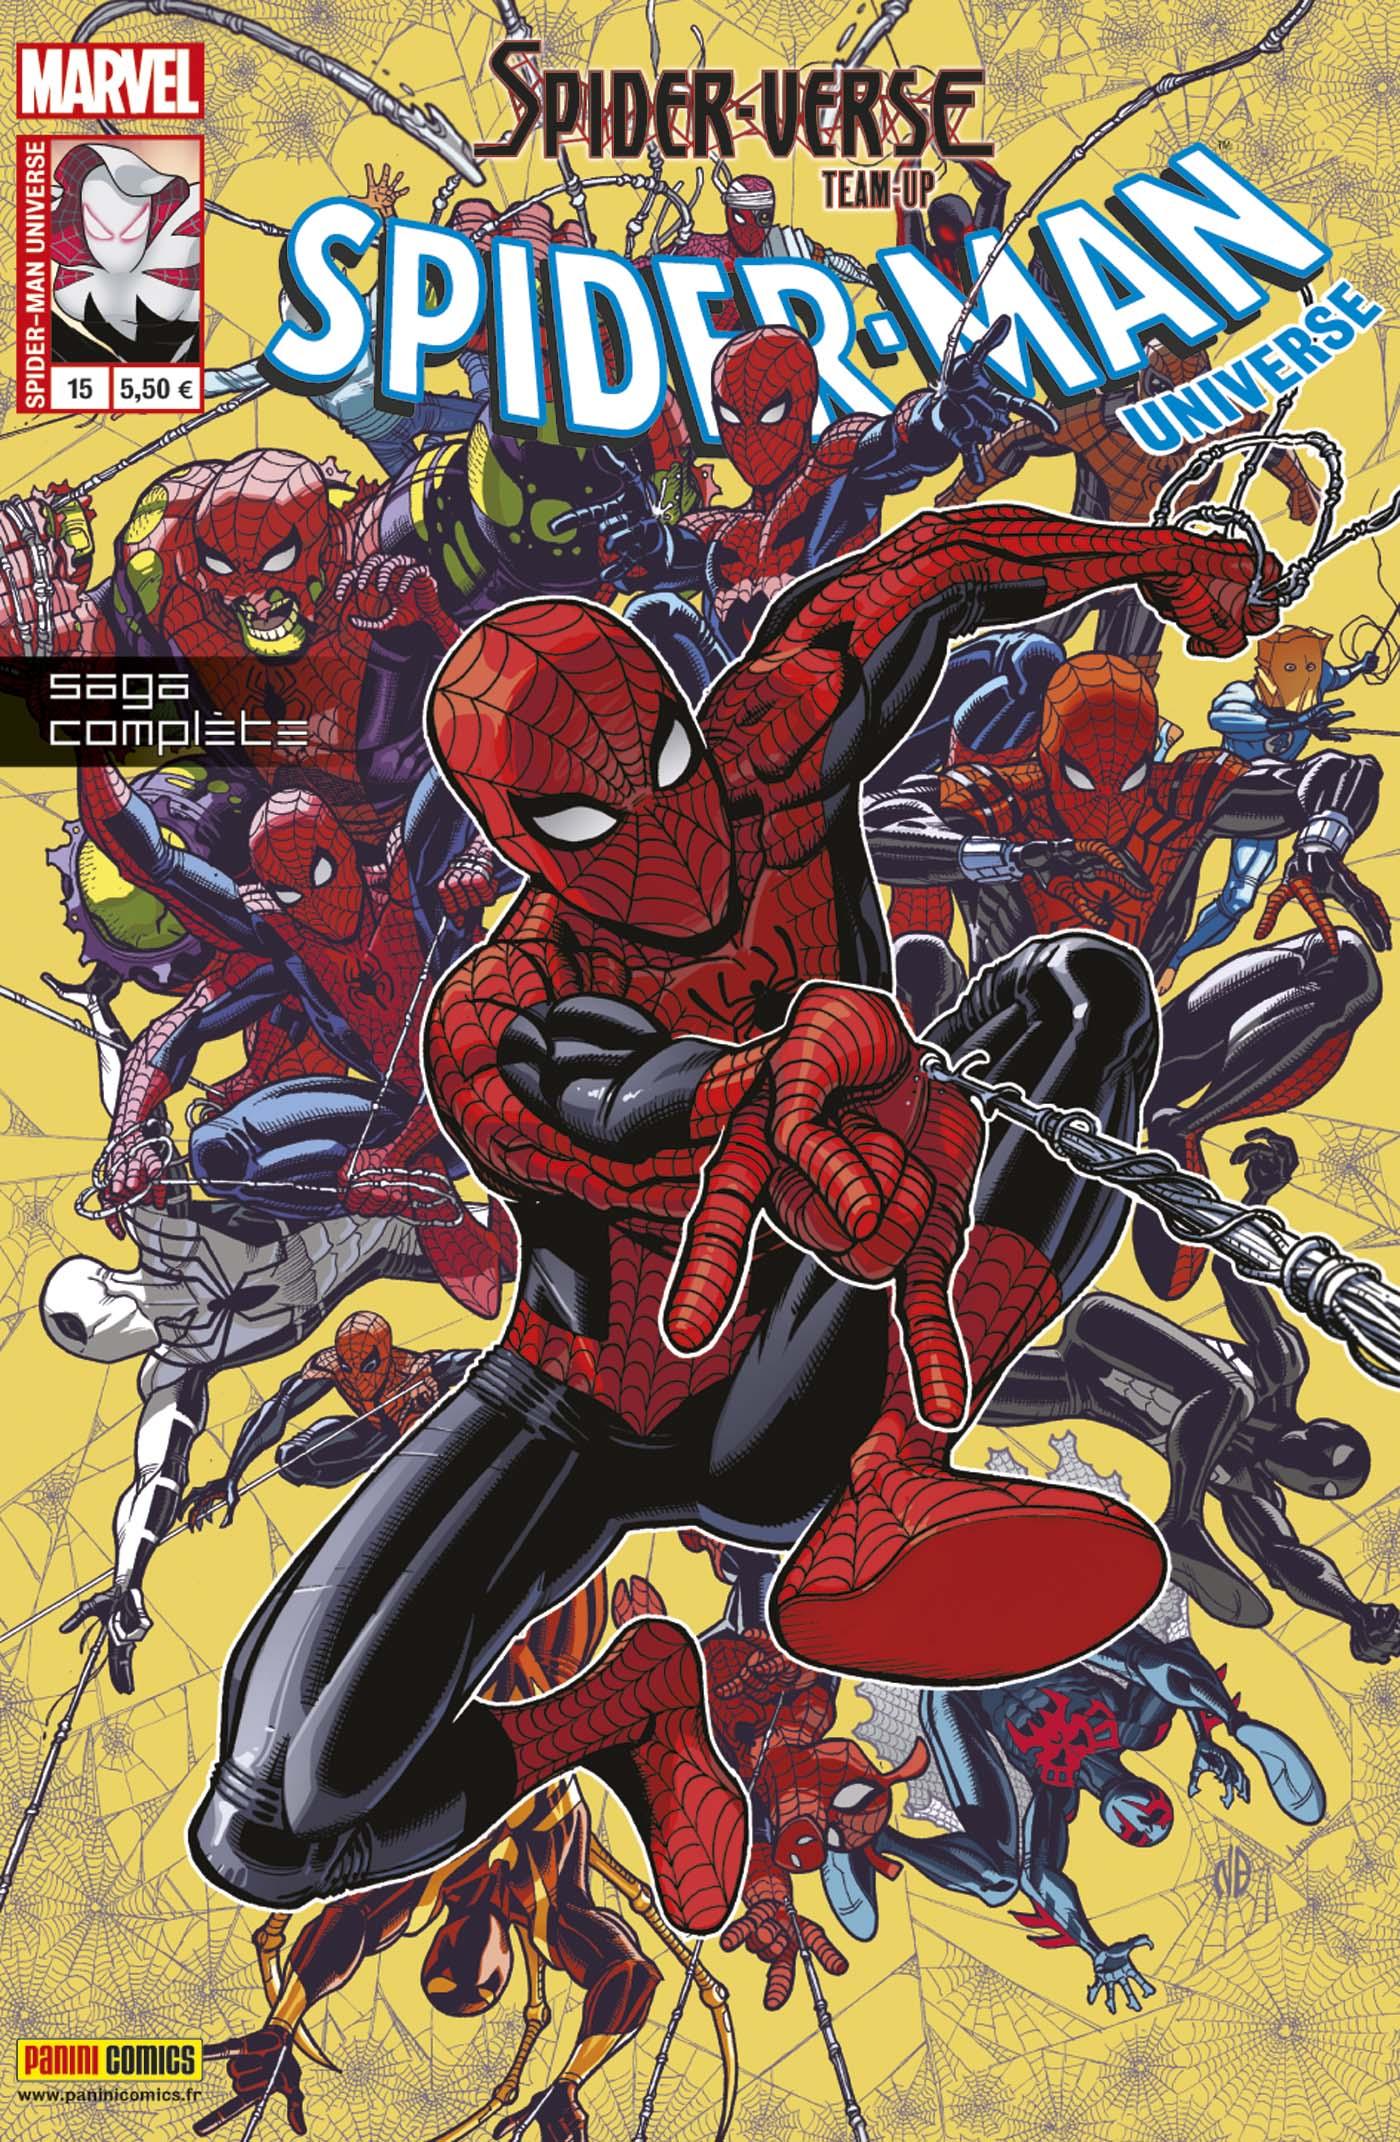 SPIDER-MAN UNIVERSE 15 : SPIDER-VERSE TEAM-UP